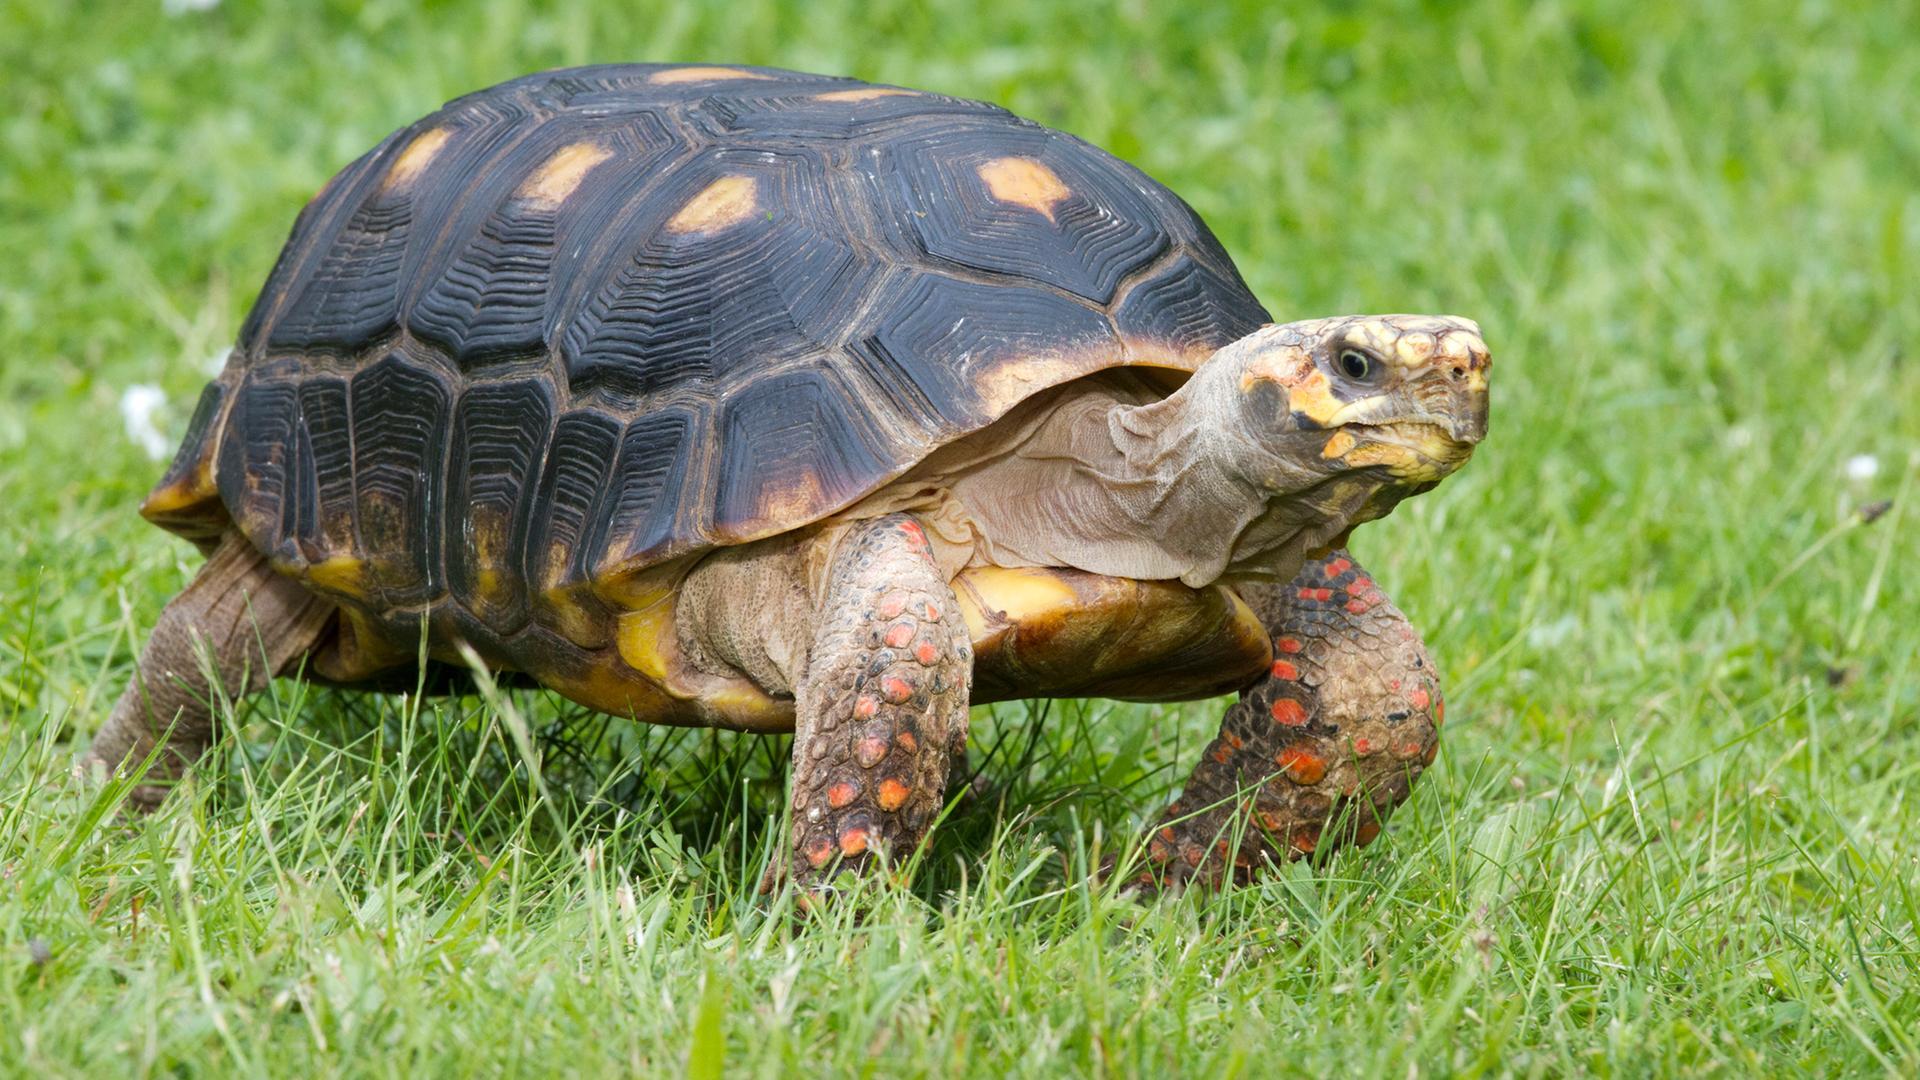 Tolle Süße Malvorlagen Von Schildkröten Ideen - Malvorlagen Von ...